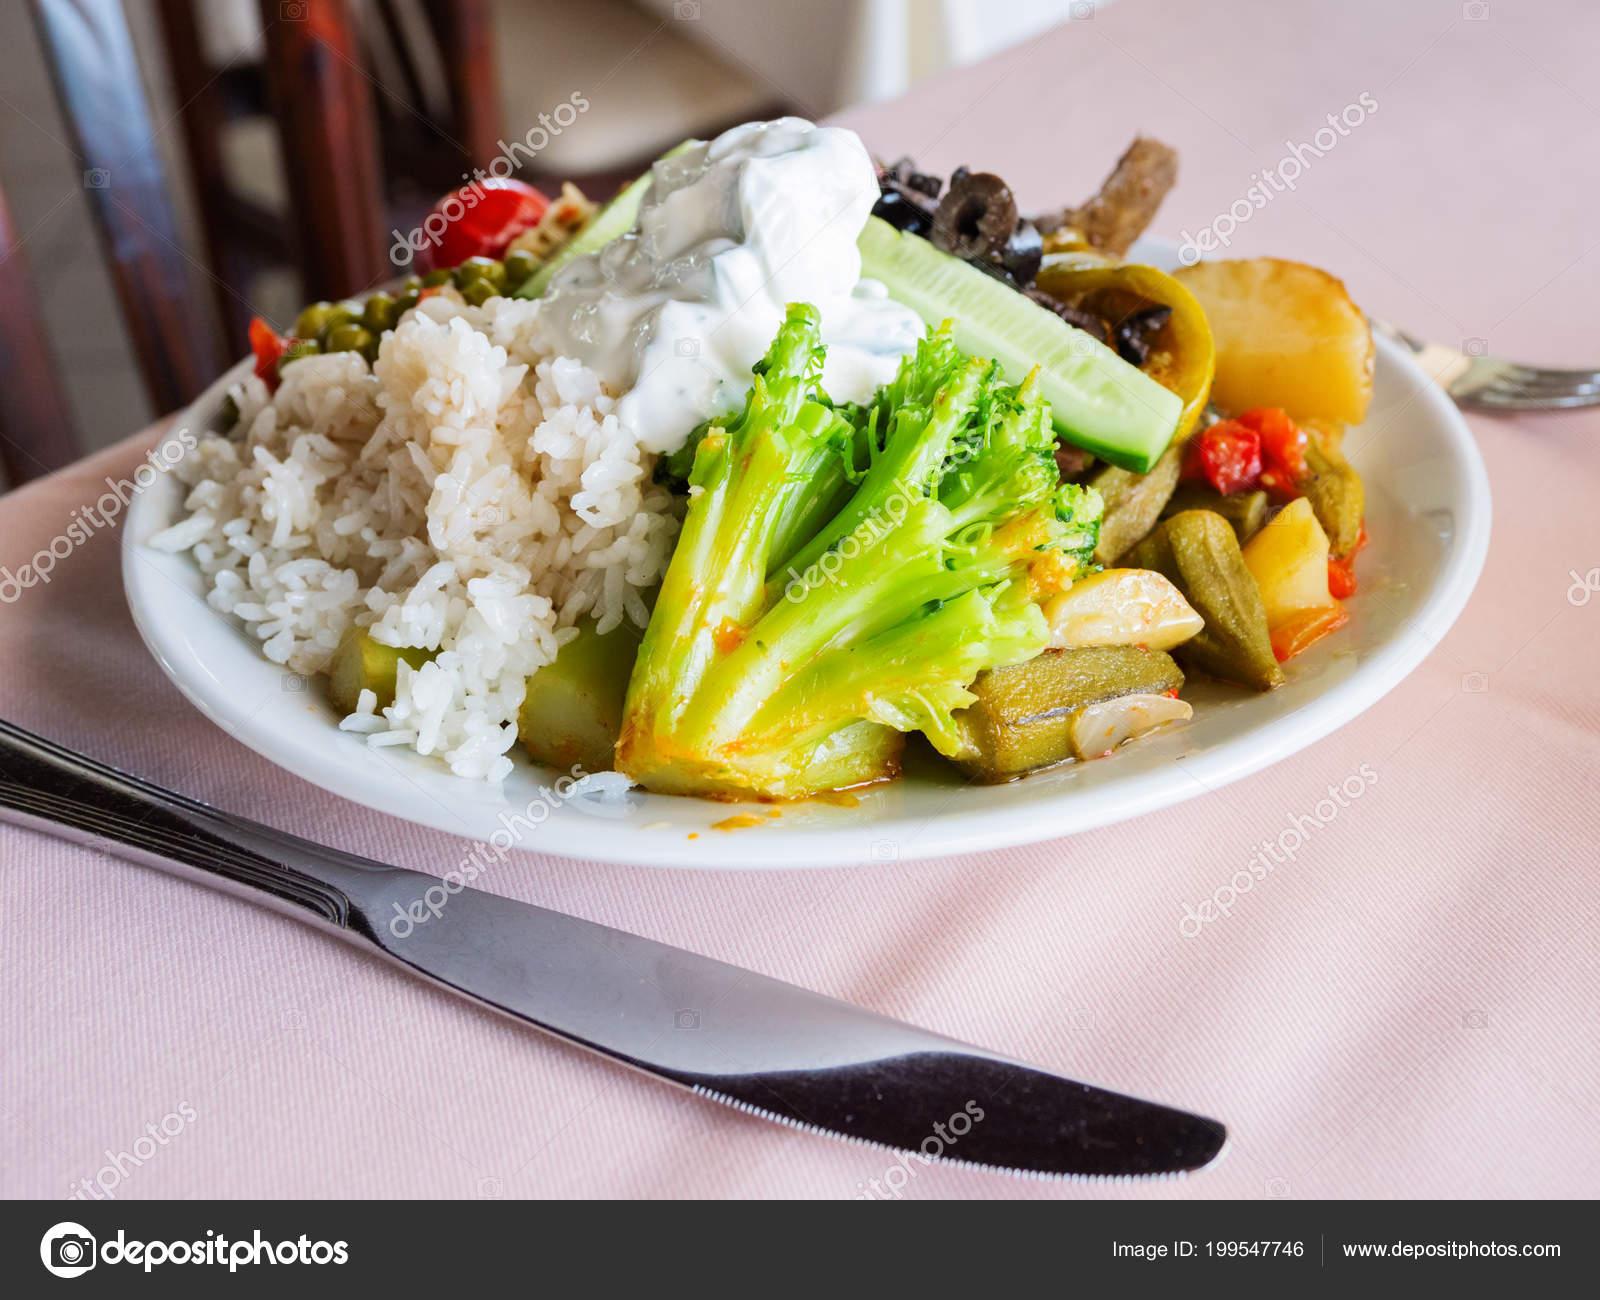 Healthy Dinner Plate Full Stewed Vegetables Rice Natural Yogurt